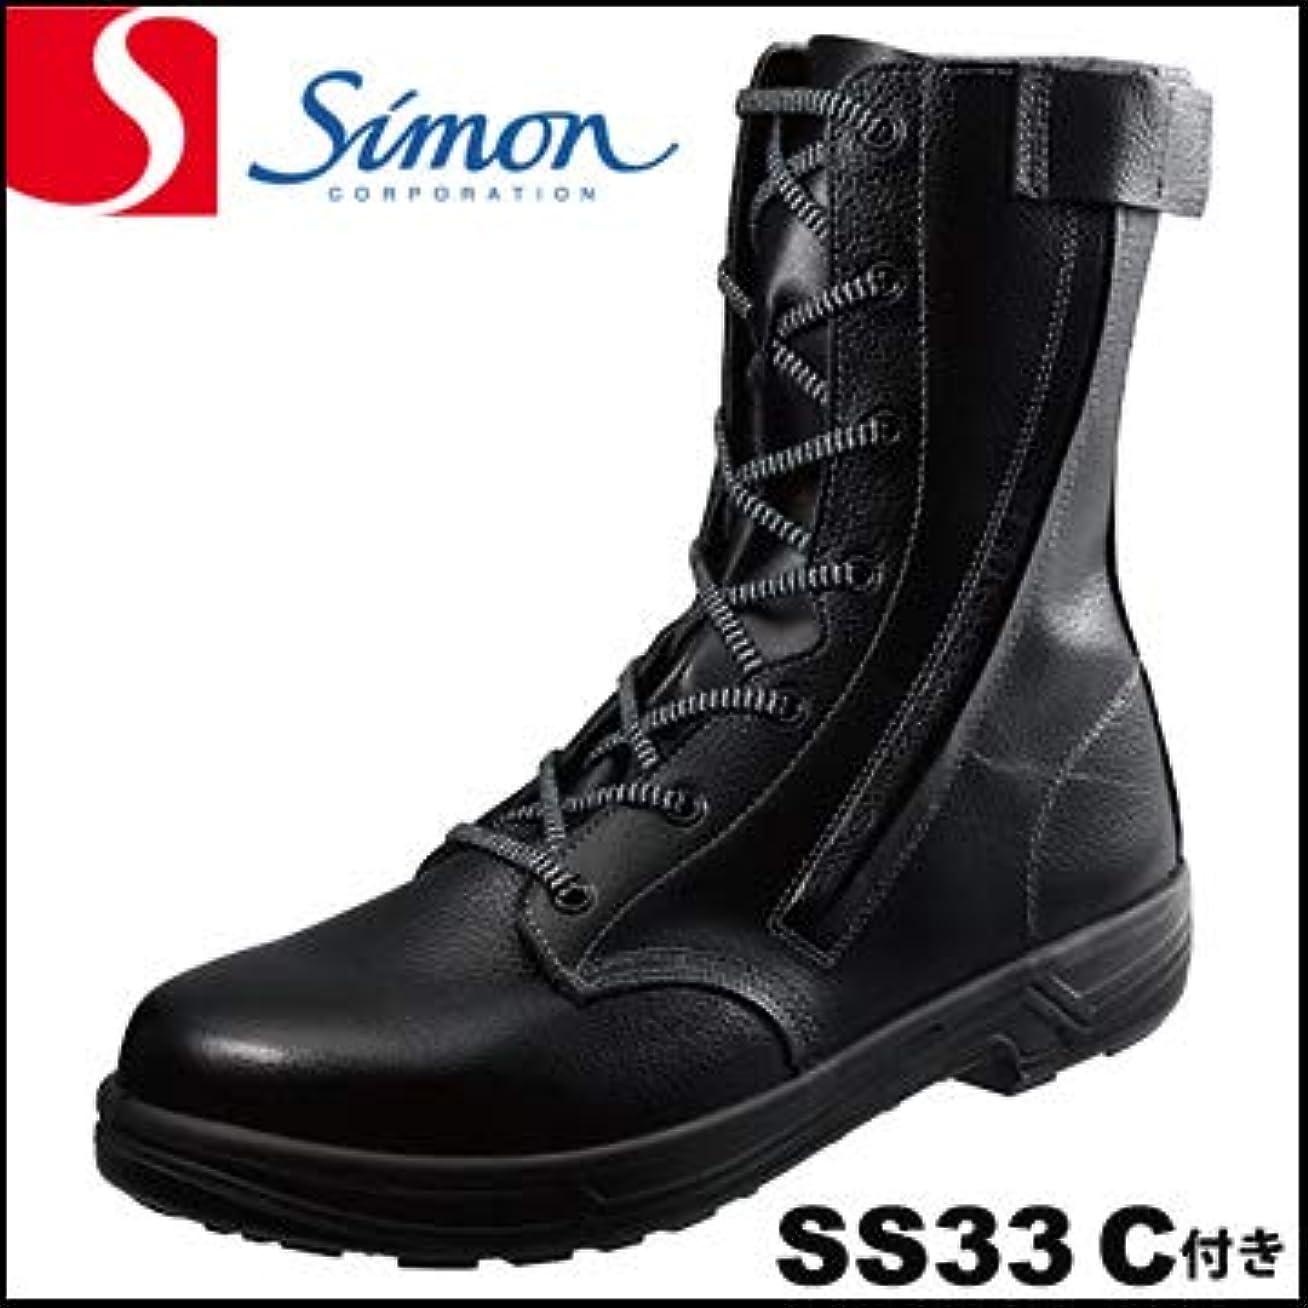 日曜日ログメッセージシモン 安全靴?作業靴 SS33 C付 1足 26.5cm